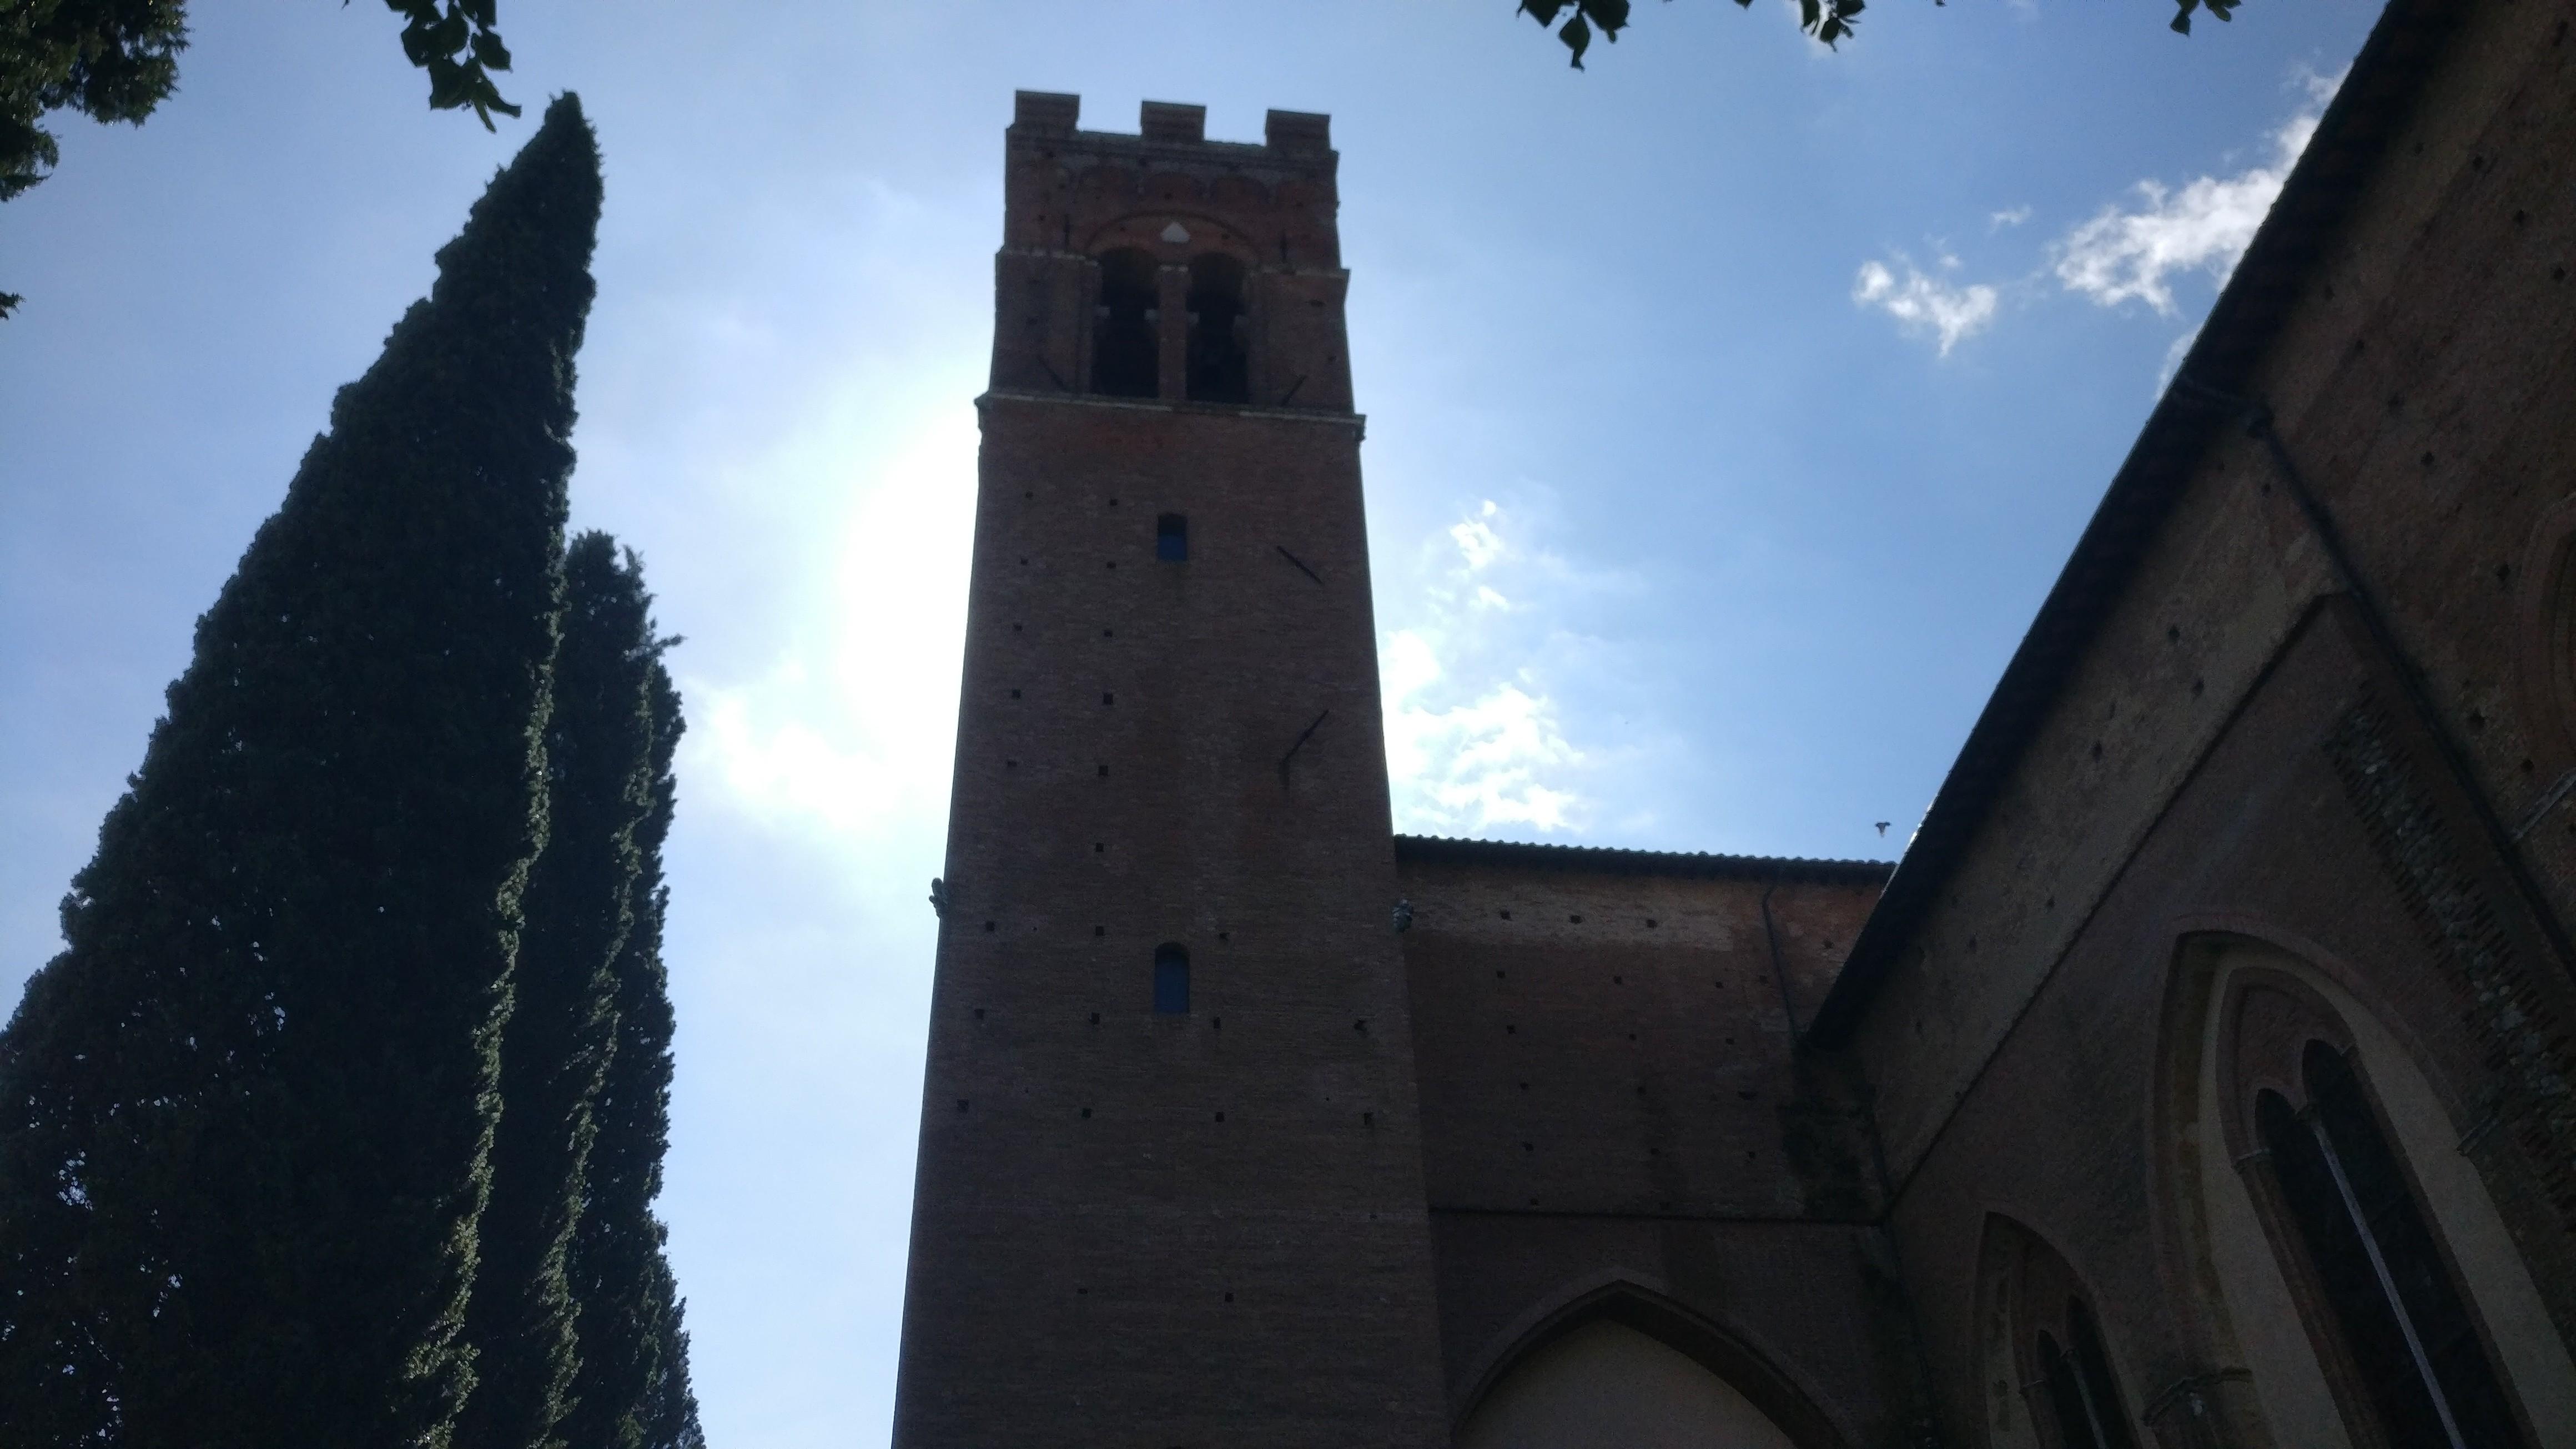 In piena notte suonano le campane per un fulmine caduto vicino a San Domenico